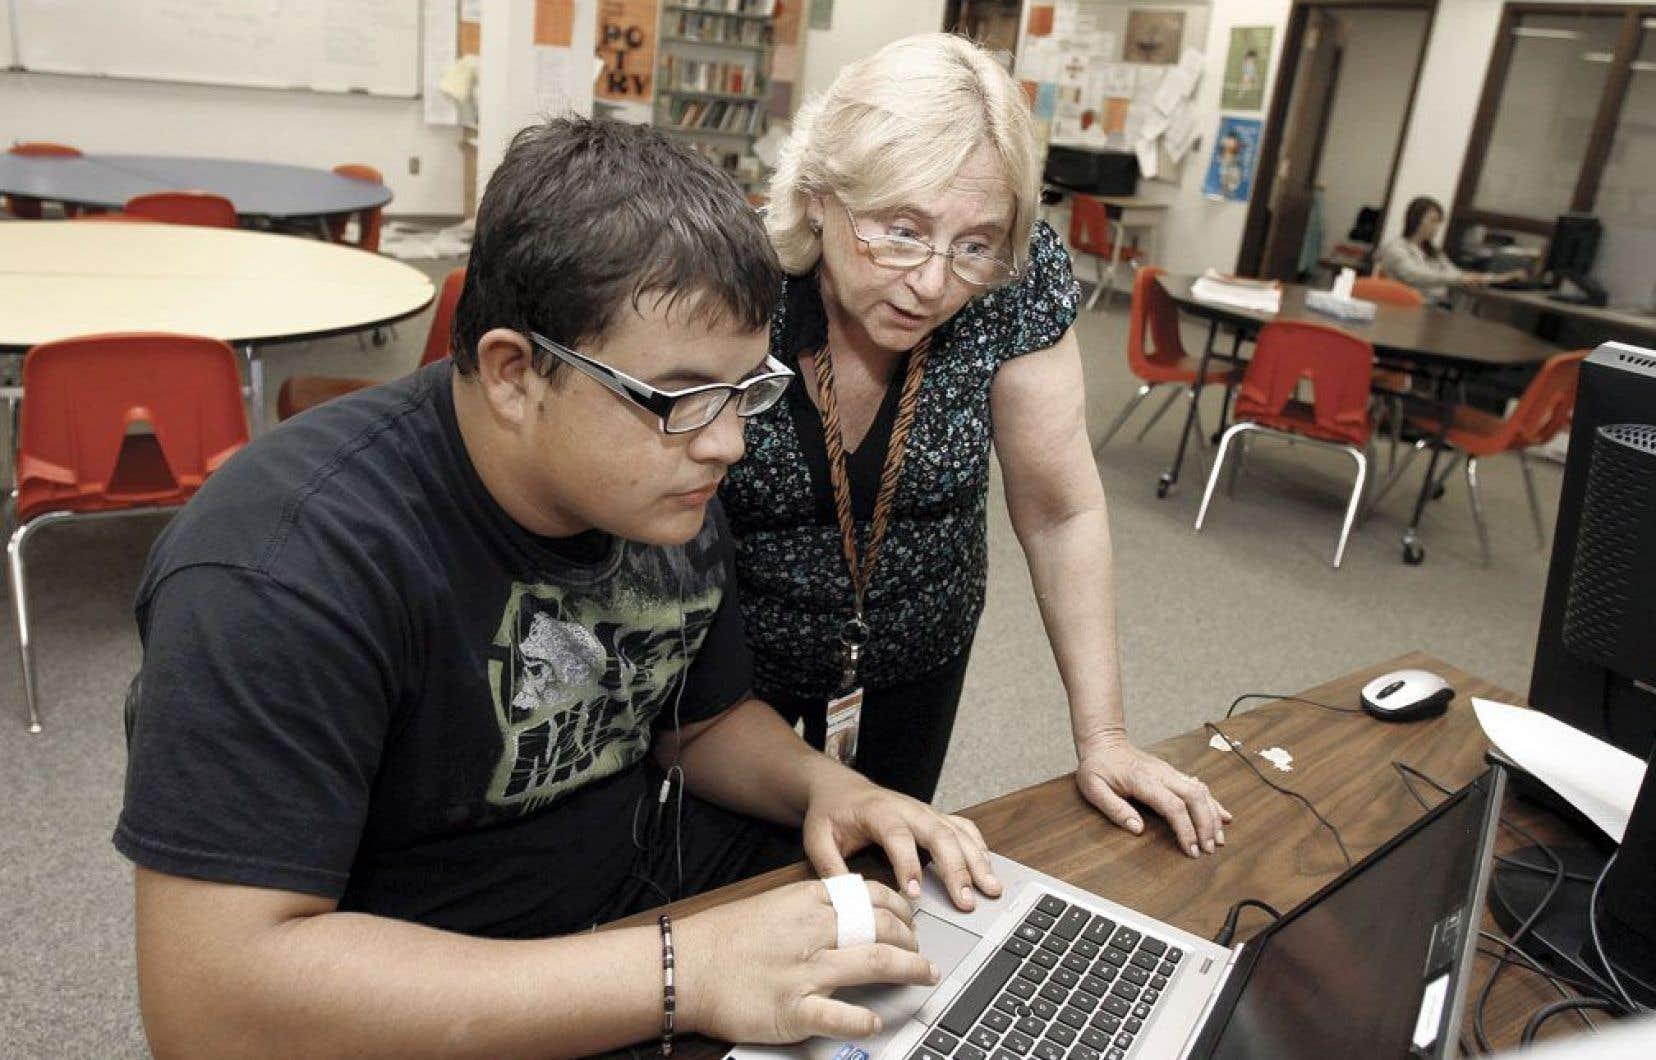 Depuis une dizaine d'années, une grande évolution s'est produite dans l'univers des logiciels spécialisés pour les élèves aux prises avec des obstacles neurologiques ou avec des surcharges cognitives dans un contexte d'apprentissage.